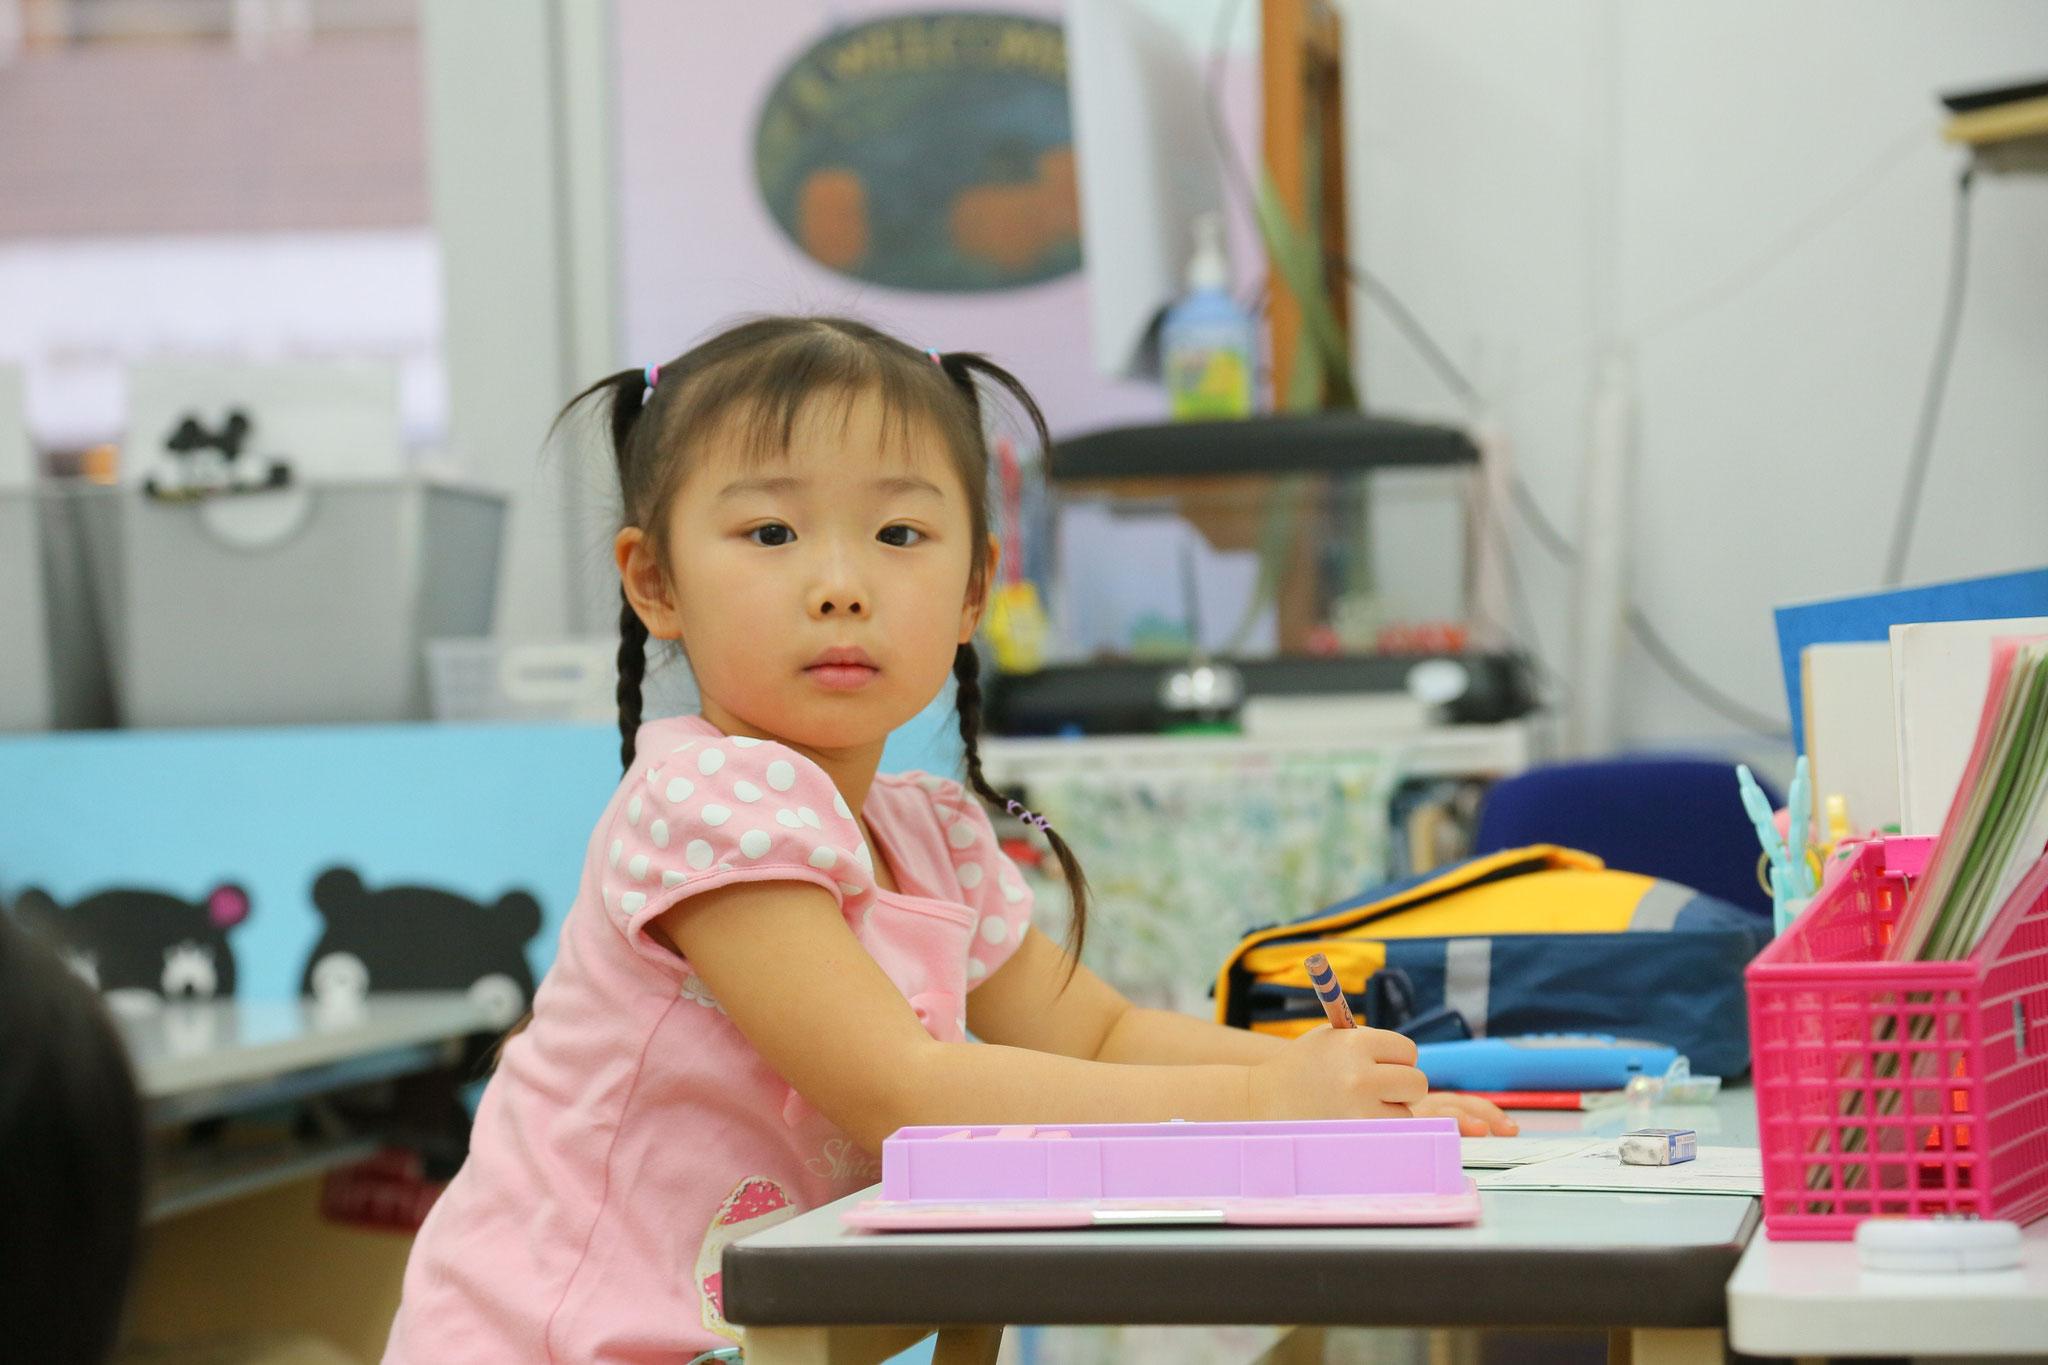 保育園が終わって遅い時間でもがくしゅうができるの!(7時からでも英数国の3教科がばっちり学習できます)